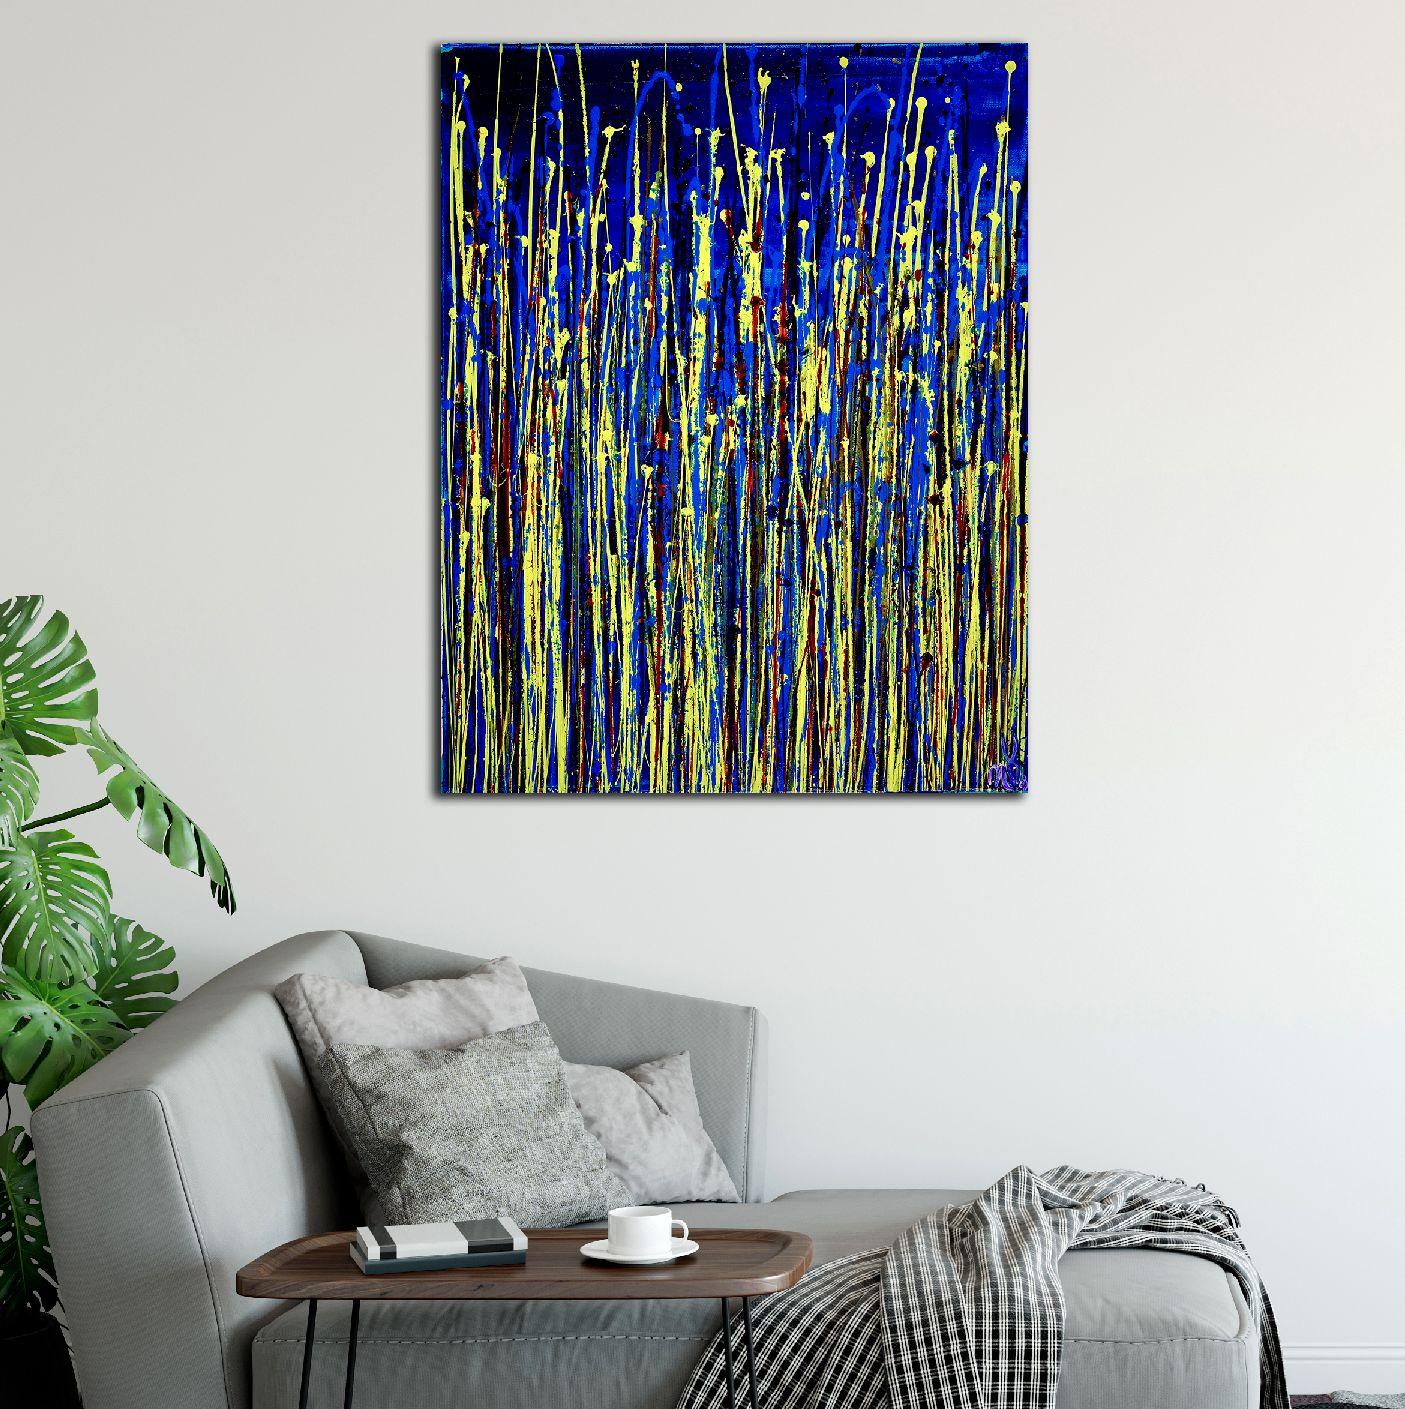 Shimmering Garden 1 (Flow State) by Nestor Toro 2020